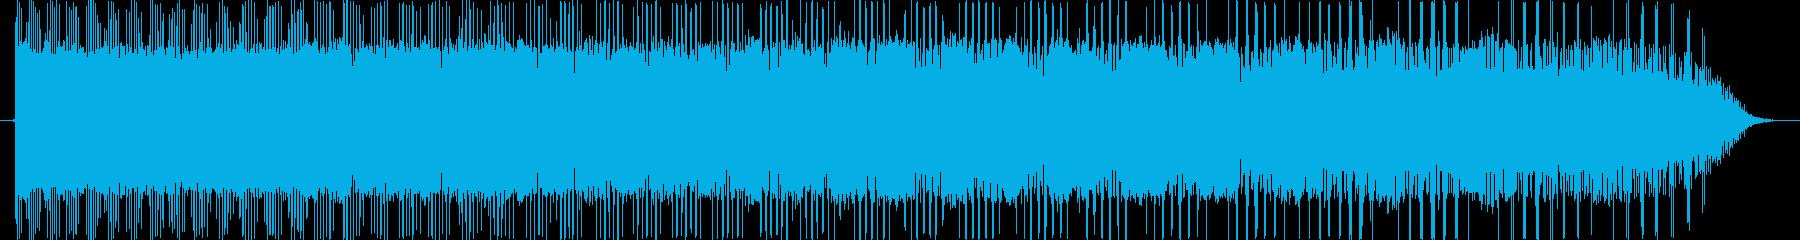 レトロなピューン ひゅーん ぴゅん 下降の再生済みの波形